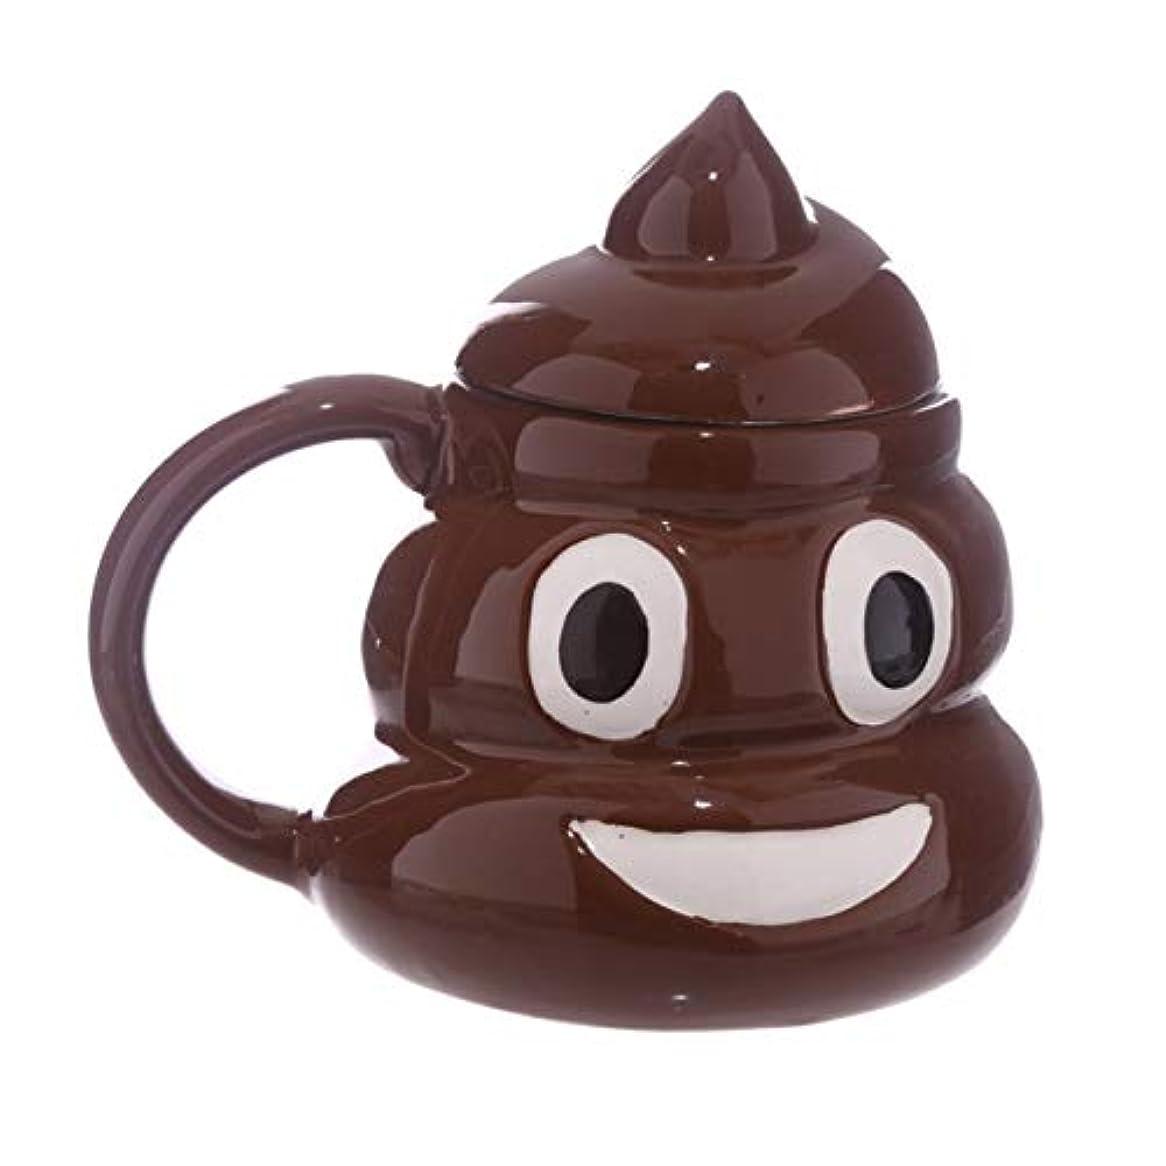 うるさい見つけた薄いですSaikogoods 3Dおかしい絵文字マグ特殊セラミックコーヒーカップかわいいティーカップ磁器カップノベルティミルクマグフレンズファミリーギフト 褐色